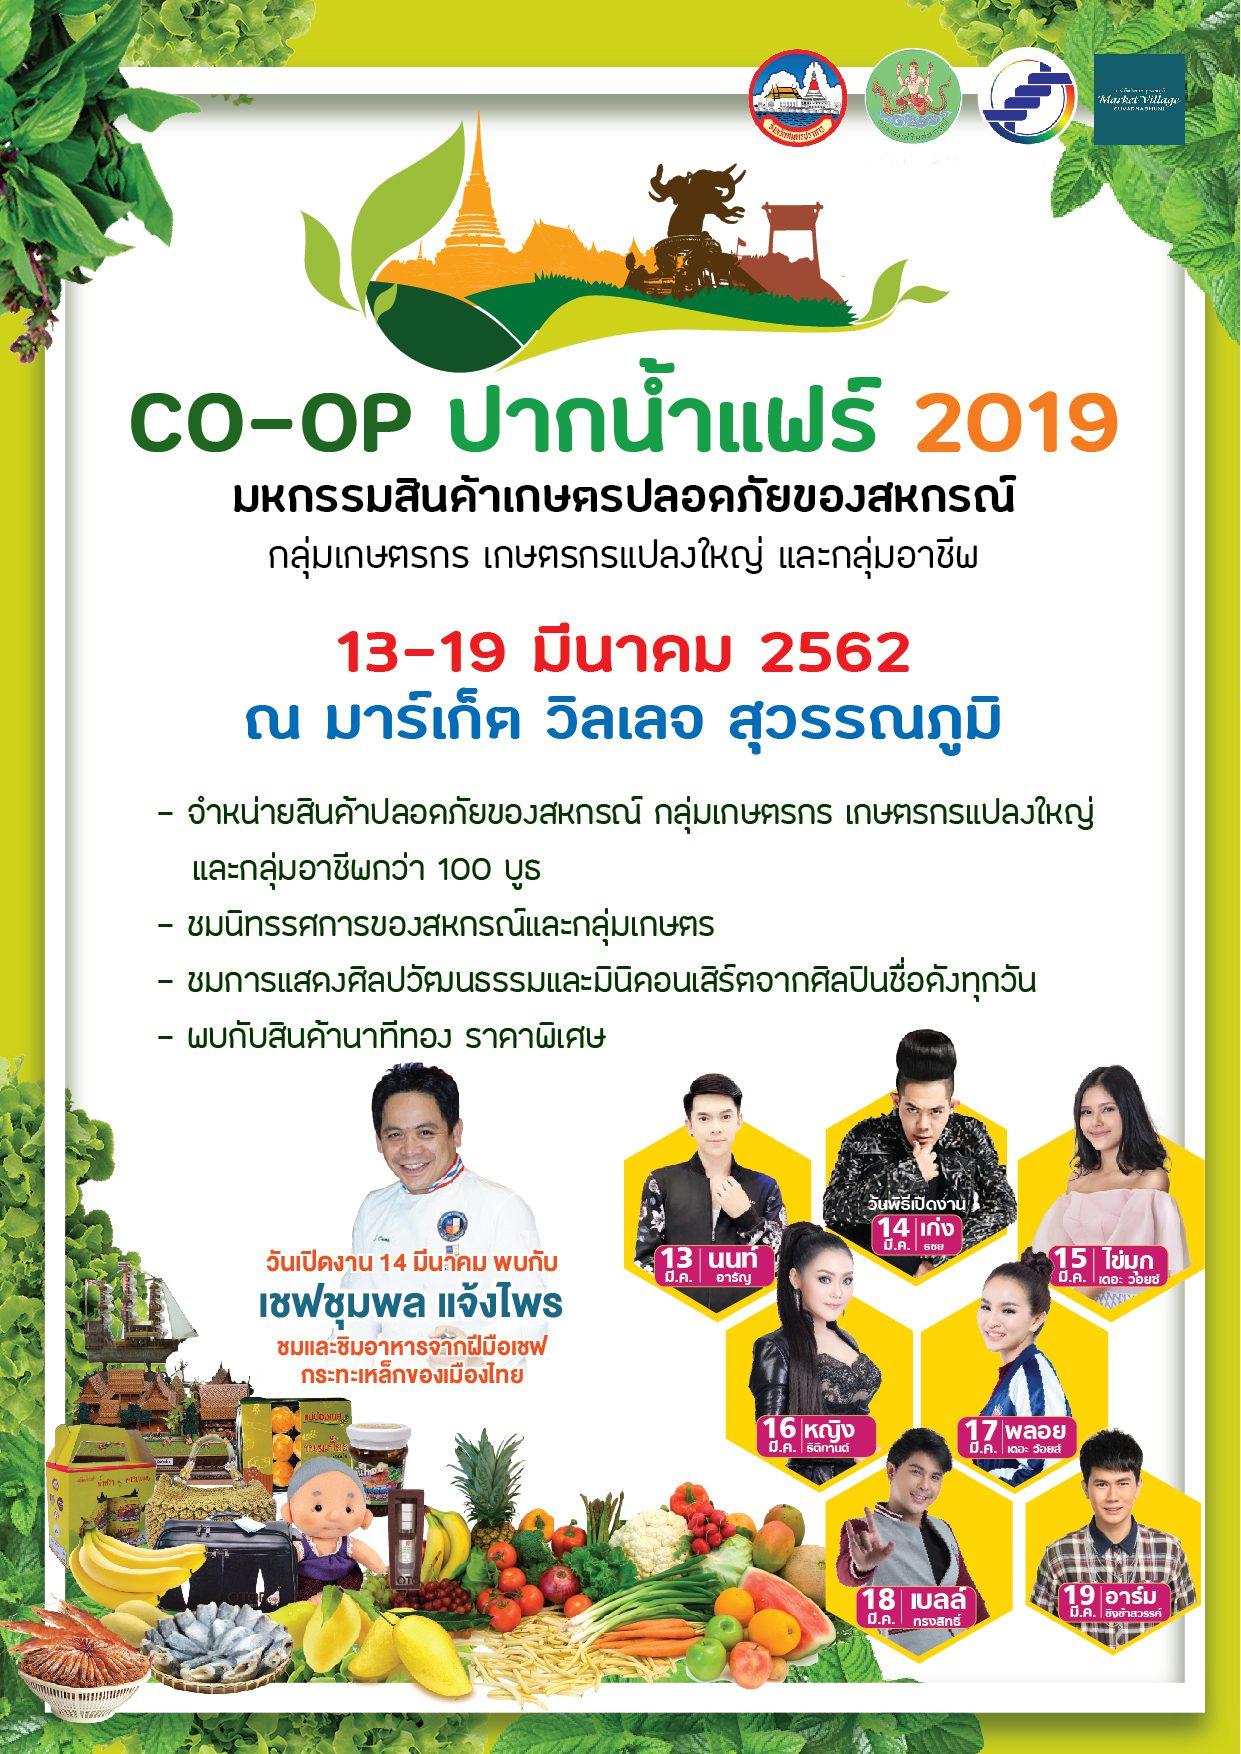 เชิญเที่ยวชมและซื้อสินค้าเกษตร CO-OP ปากน้ำแฟร์